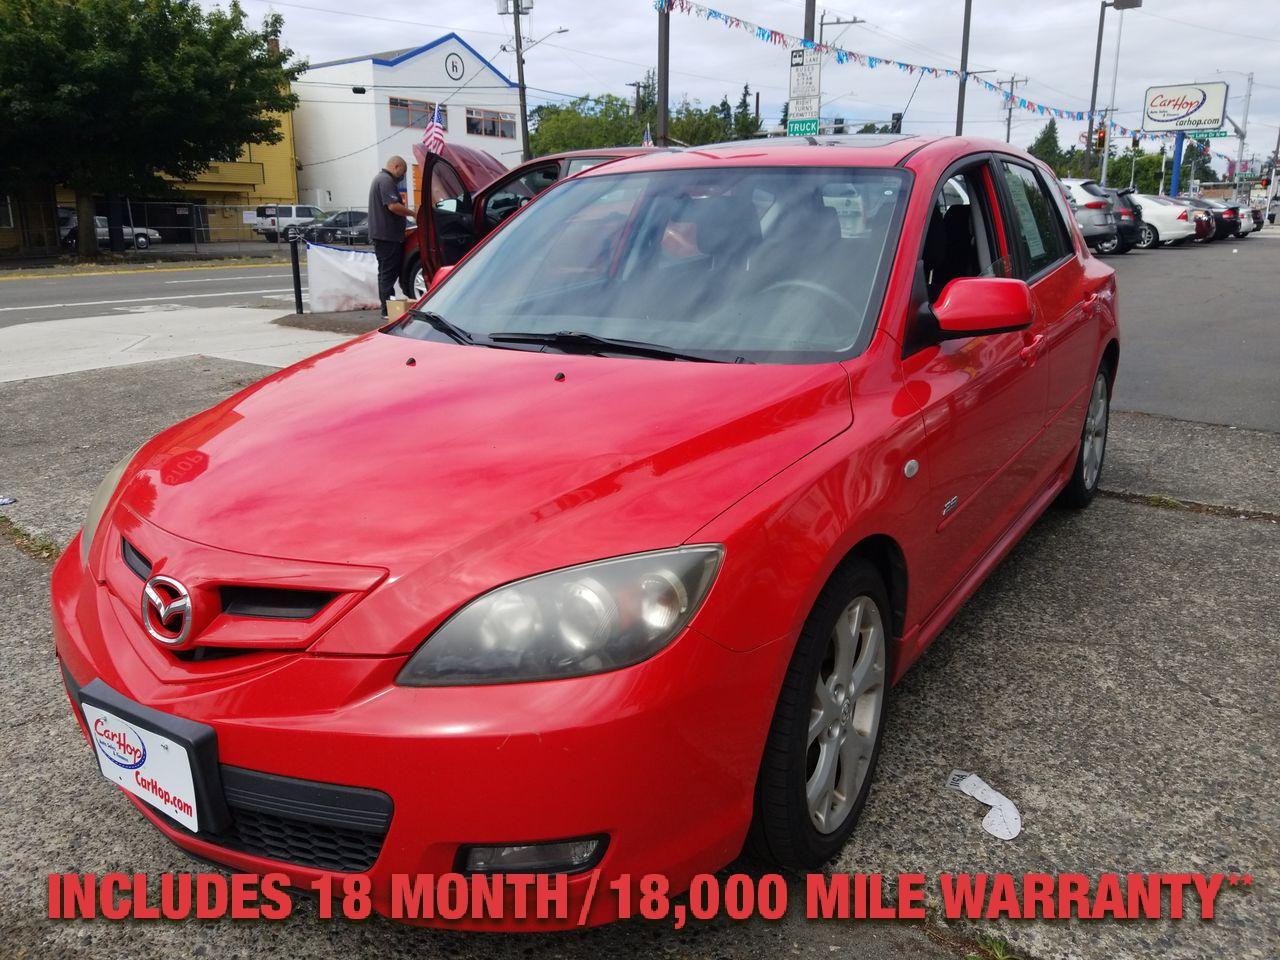 Pre-Owned 2007 MAZDA Mazda3 S GRAND TO